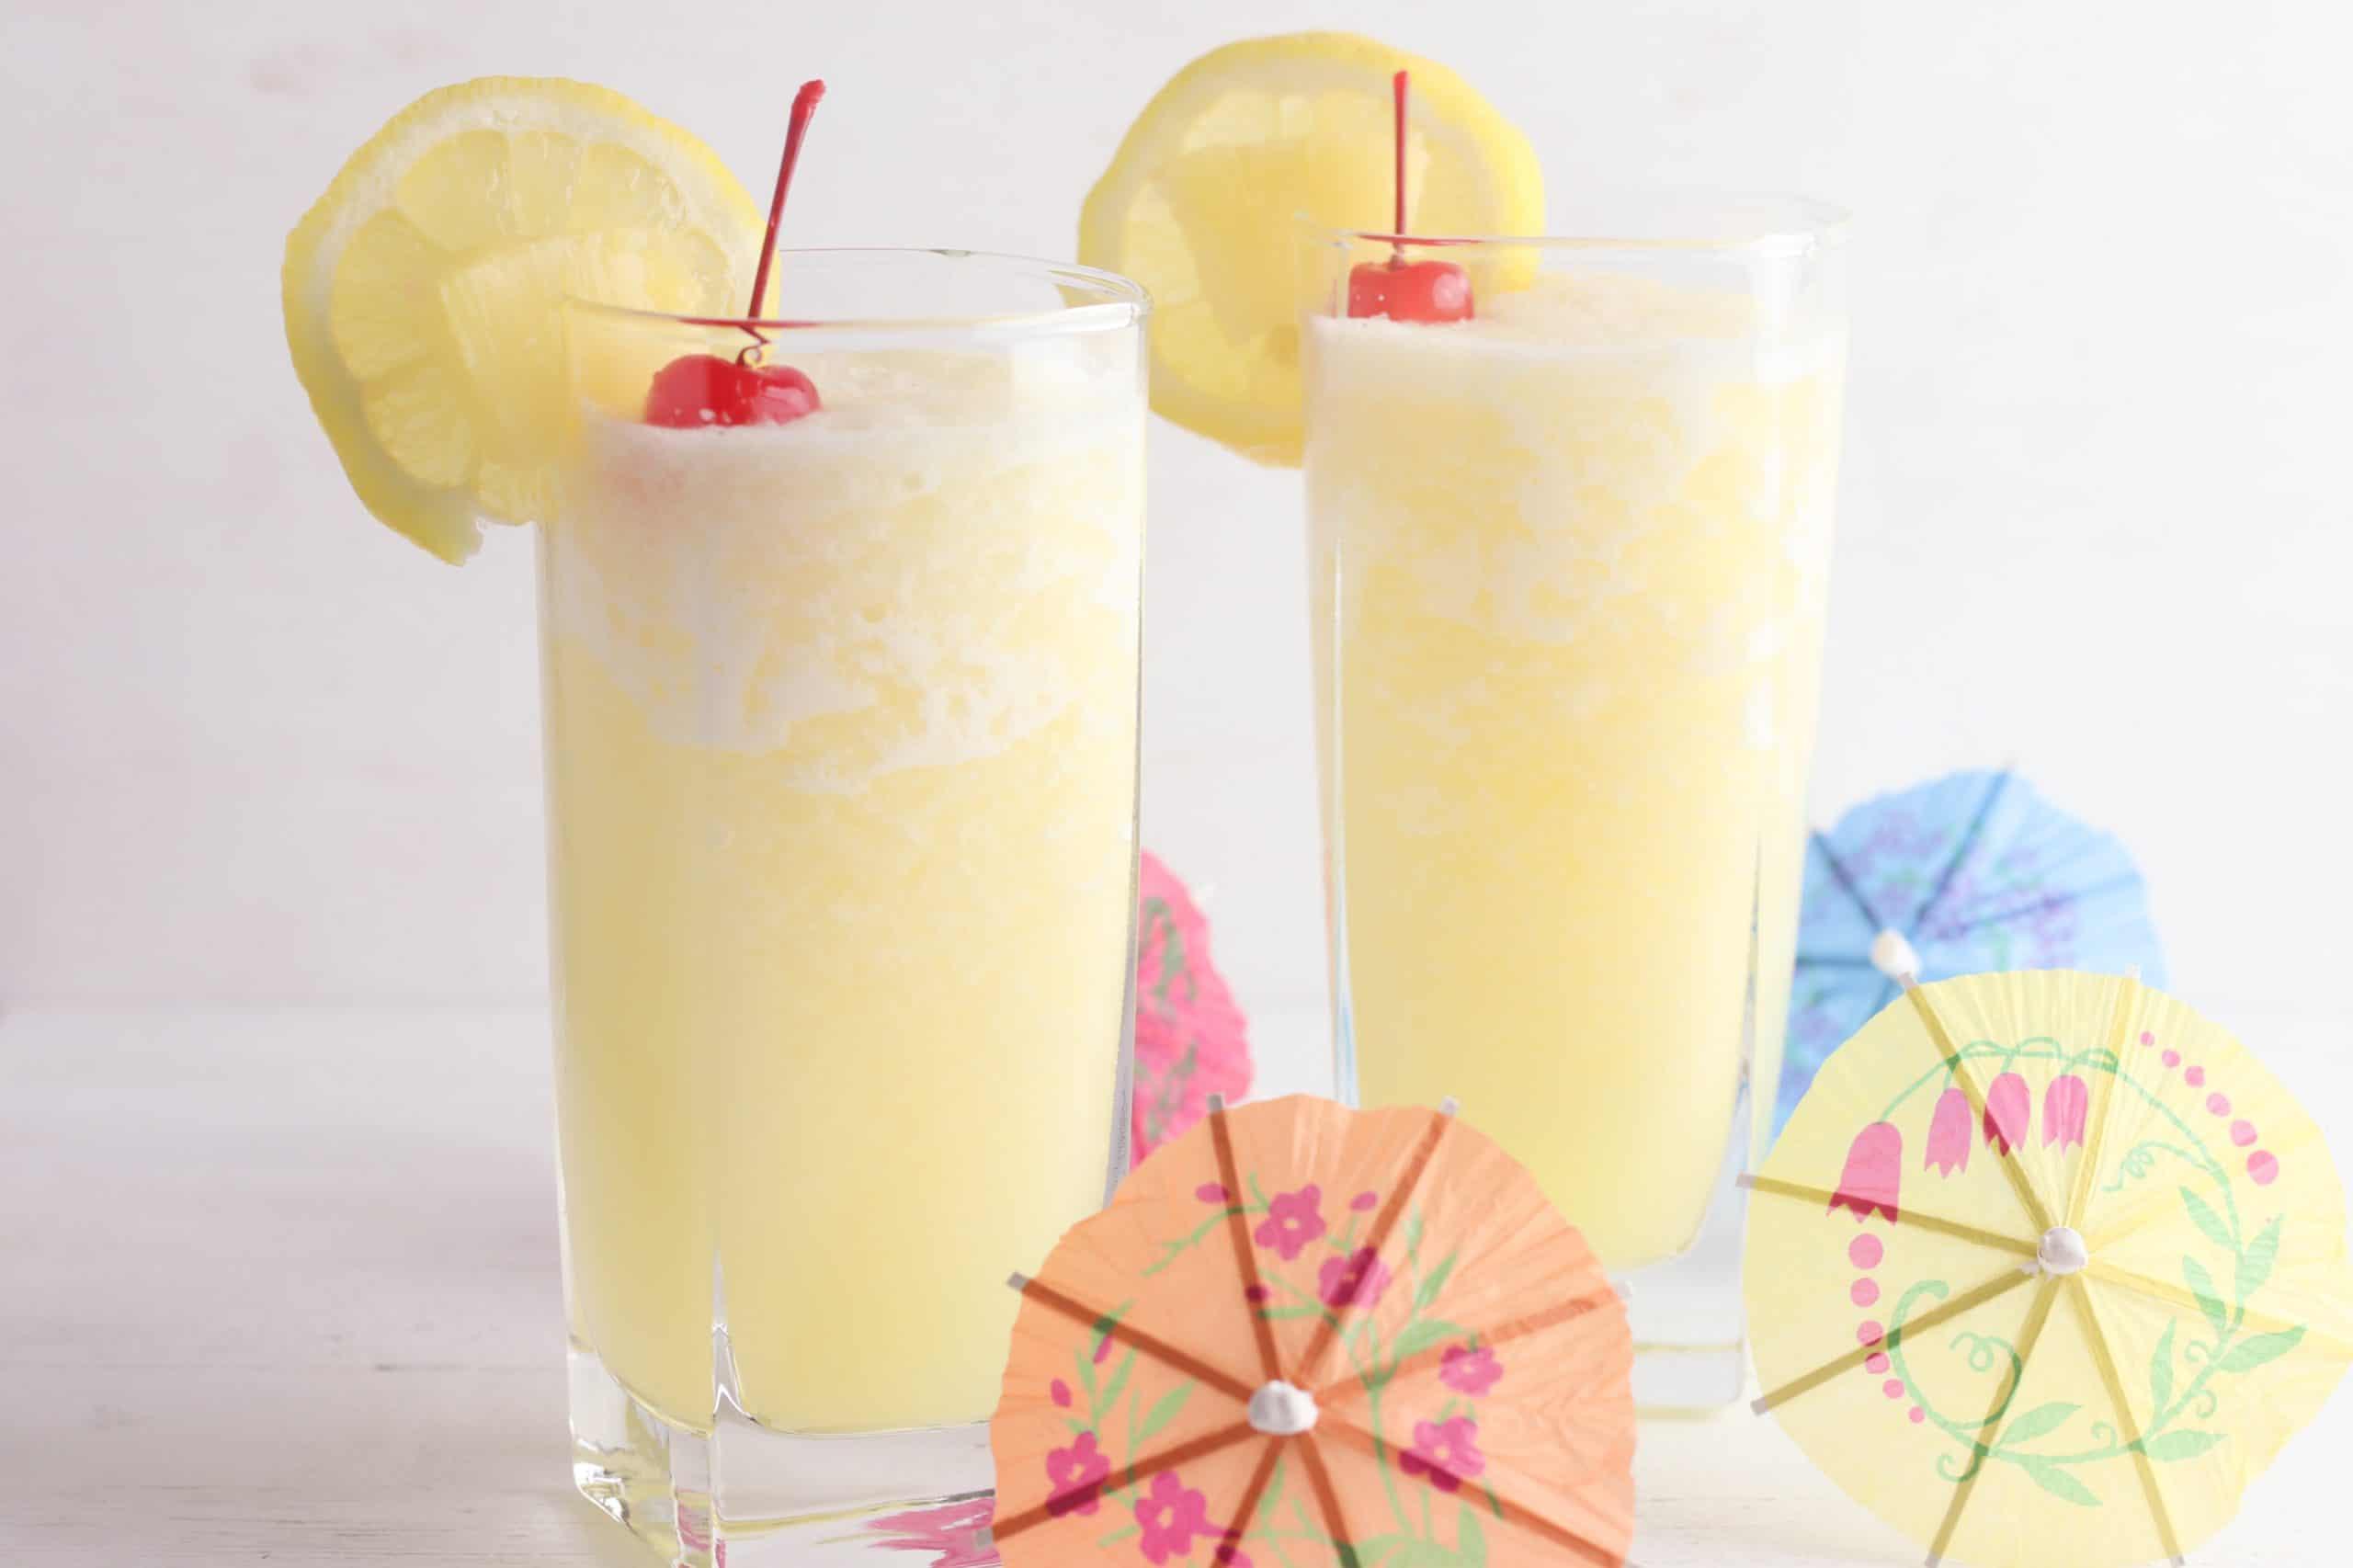 Frozen Pineapple Lemonade in Glass